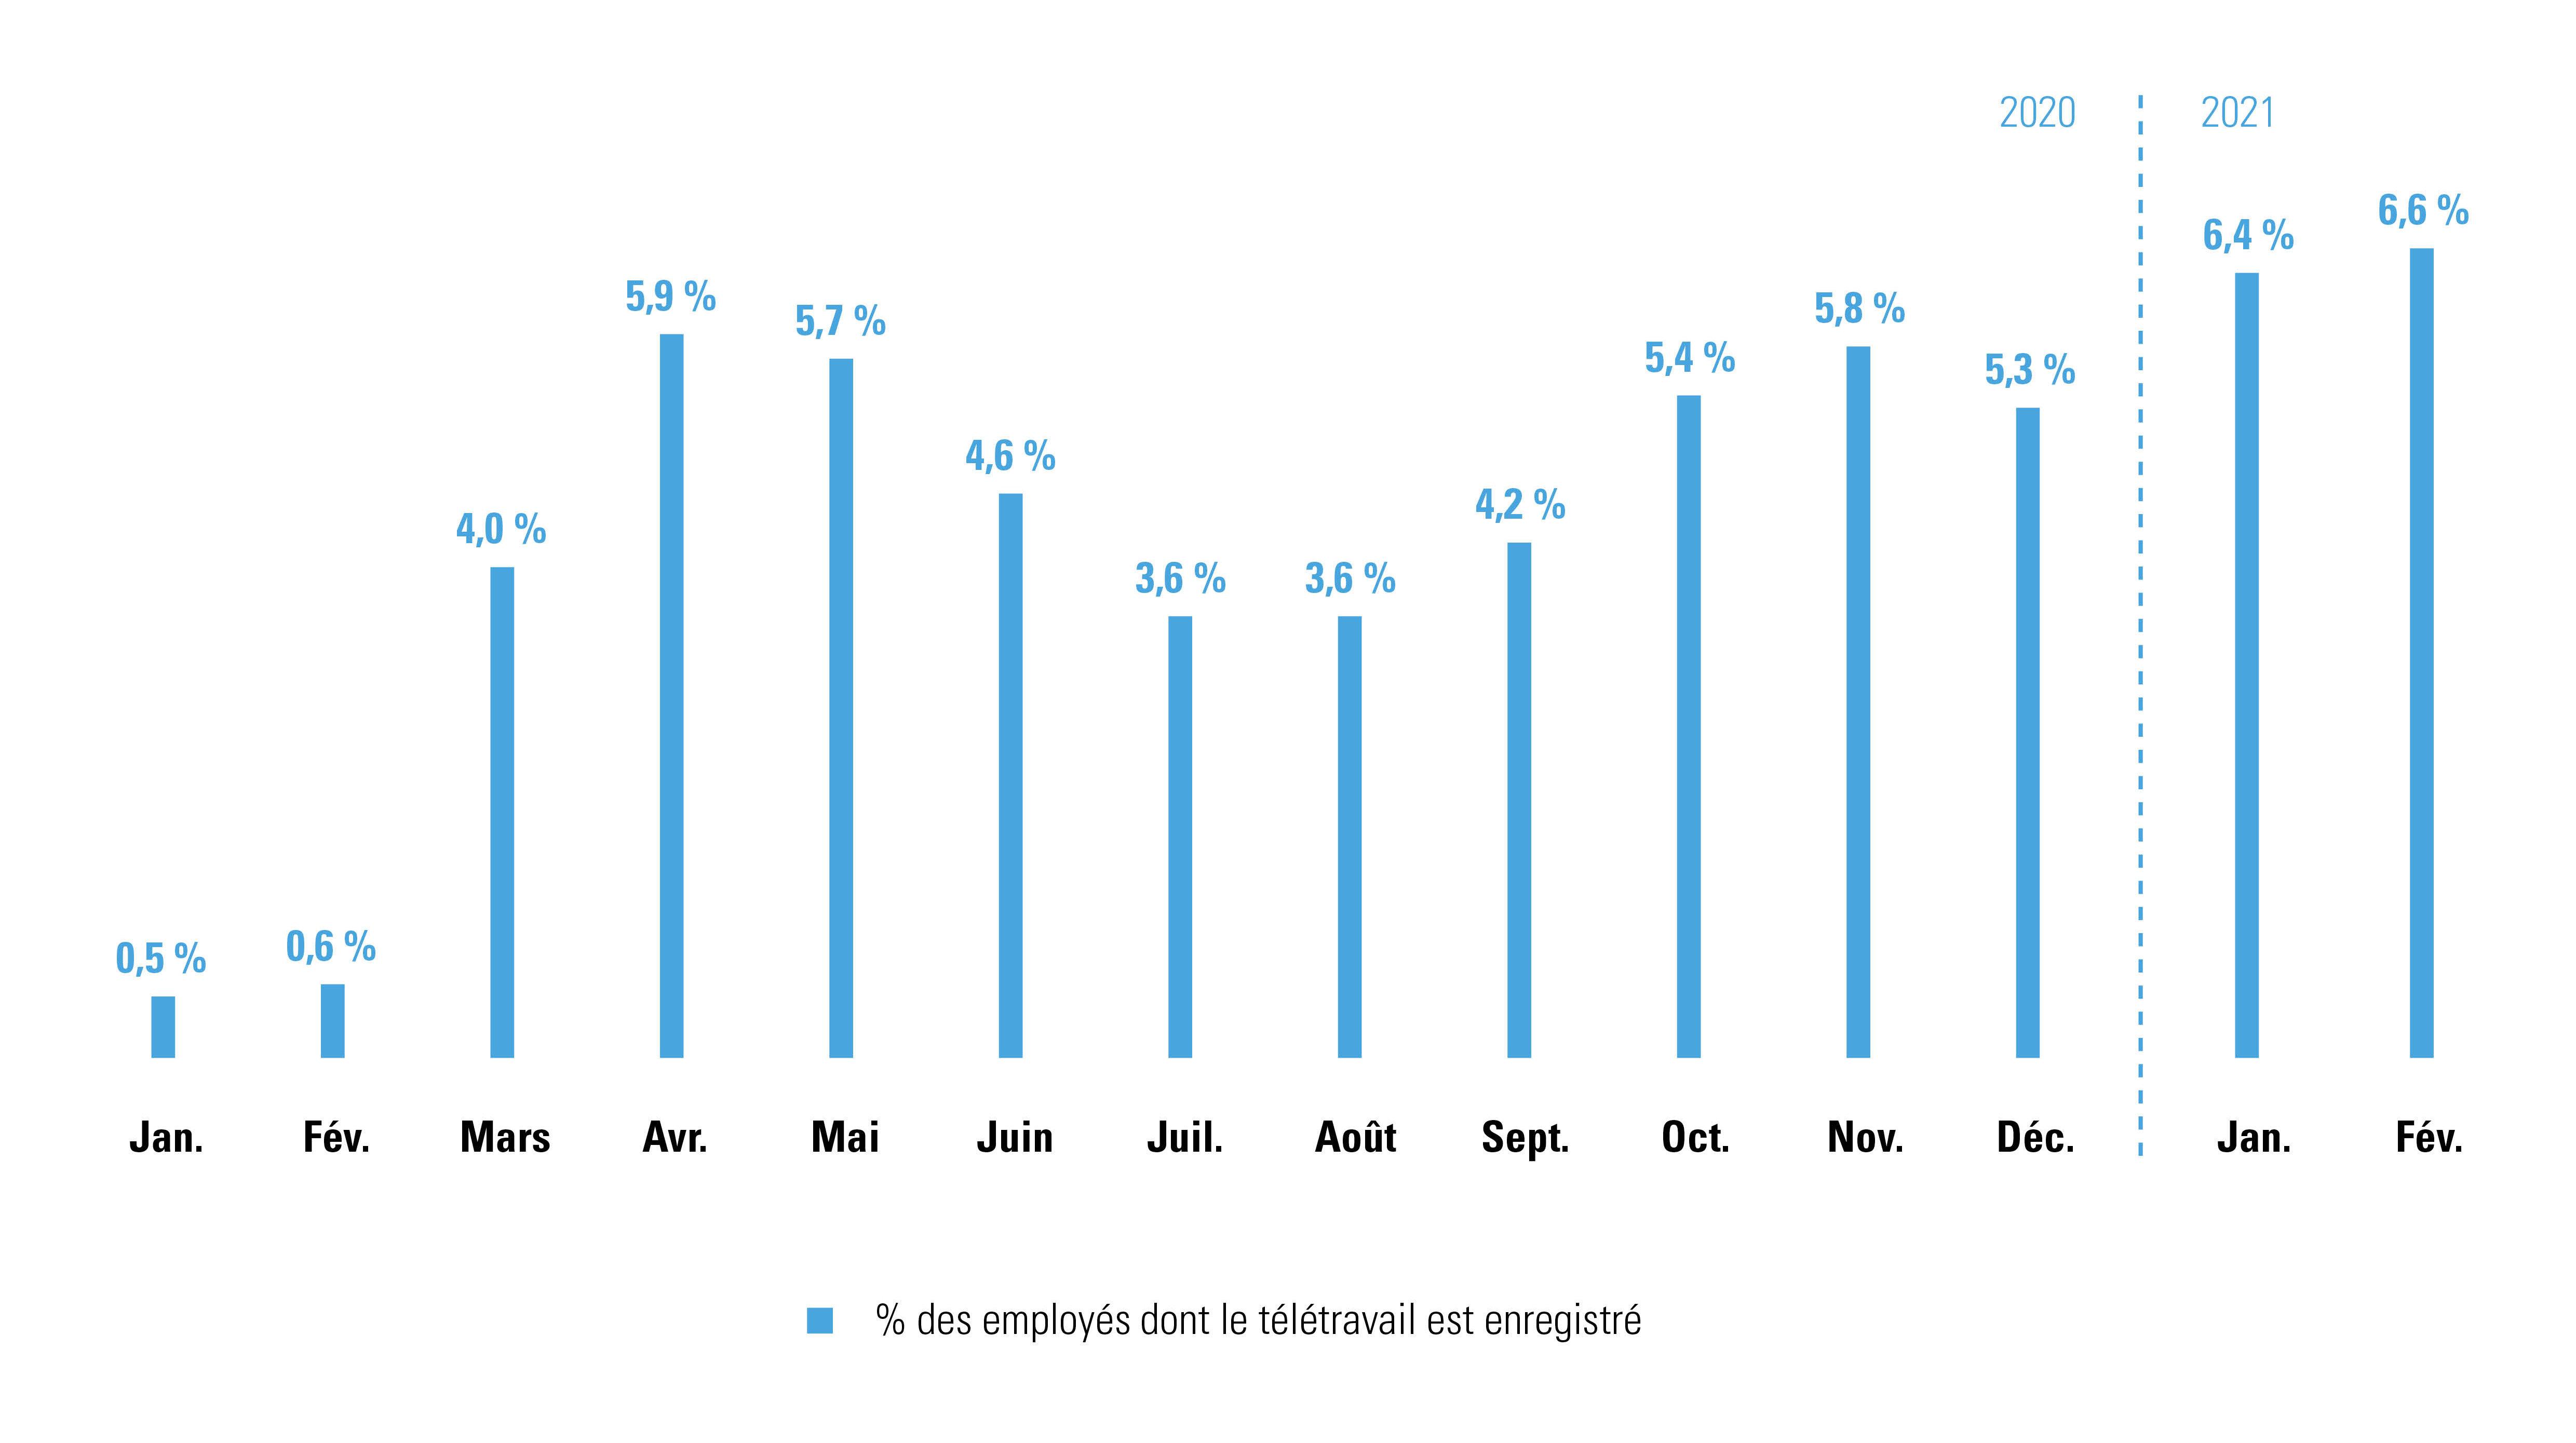 Enregistrement du télétravail pour les employés mois après mois